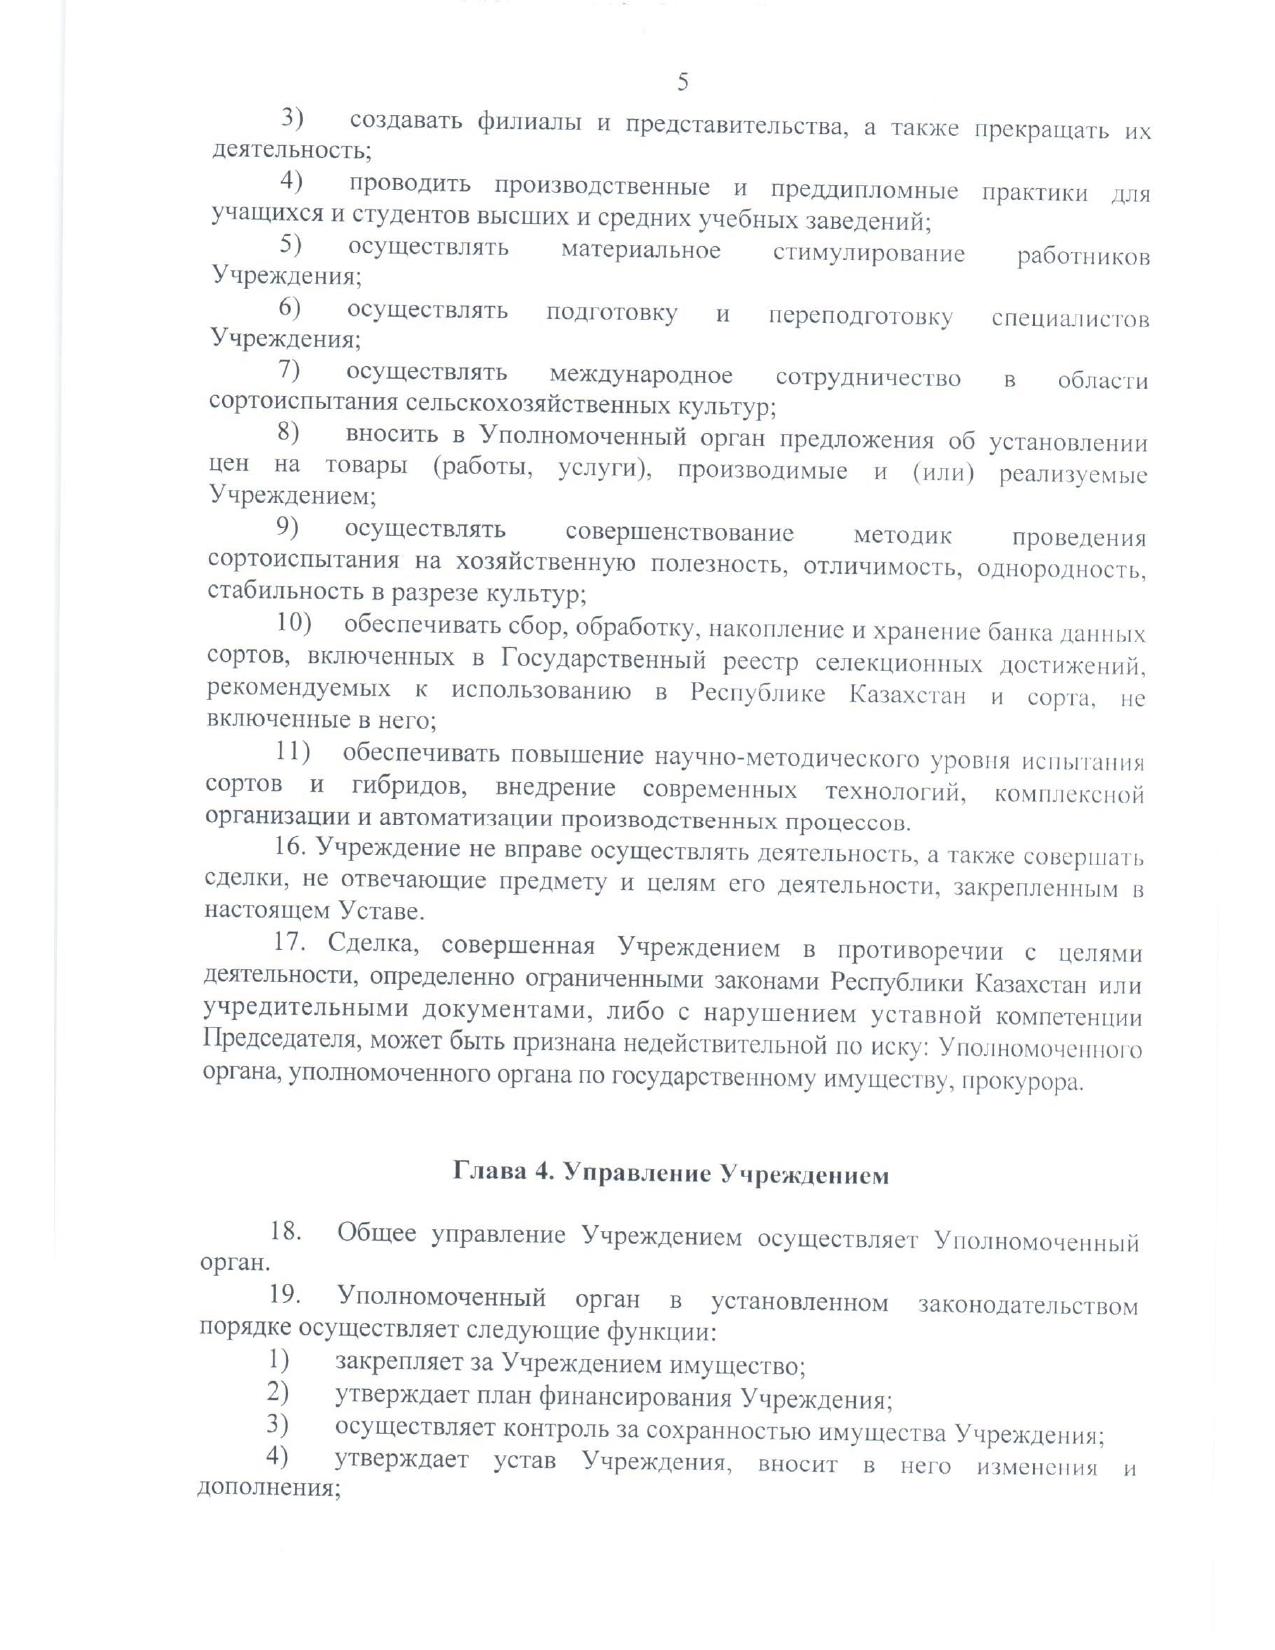 Устав 2021 год_page-0021